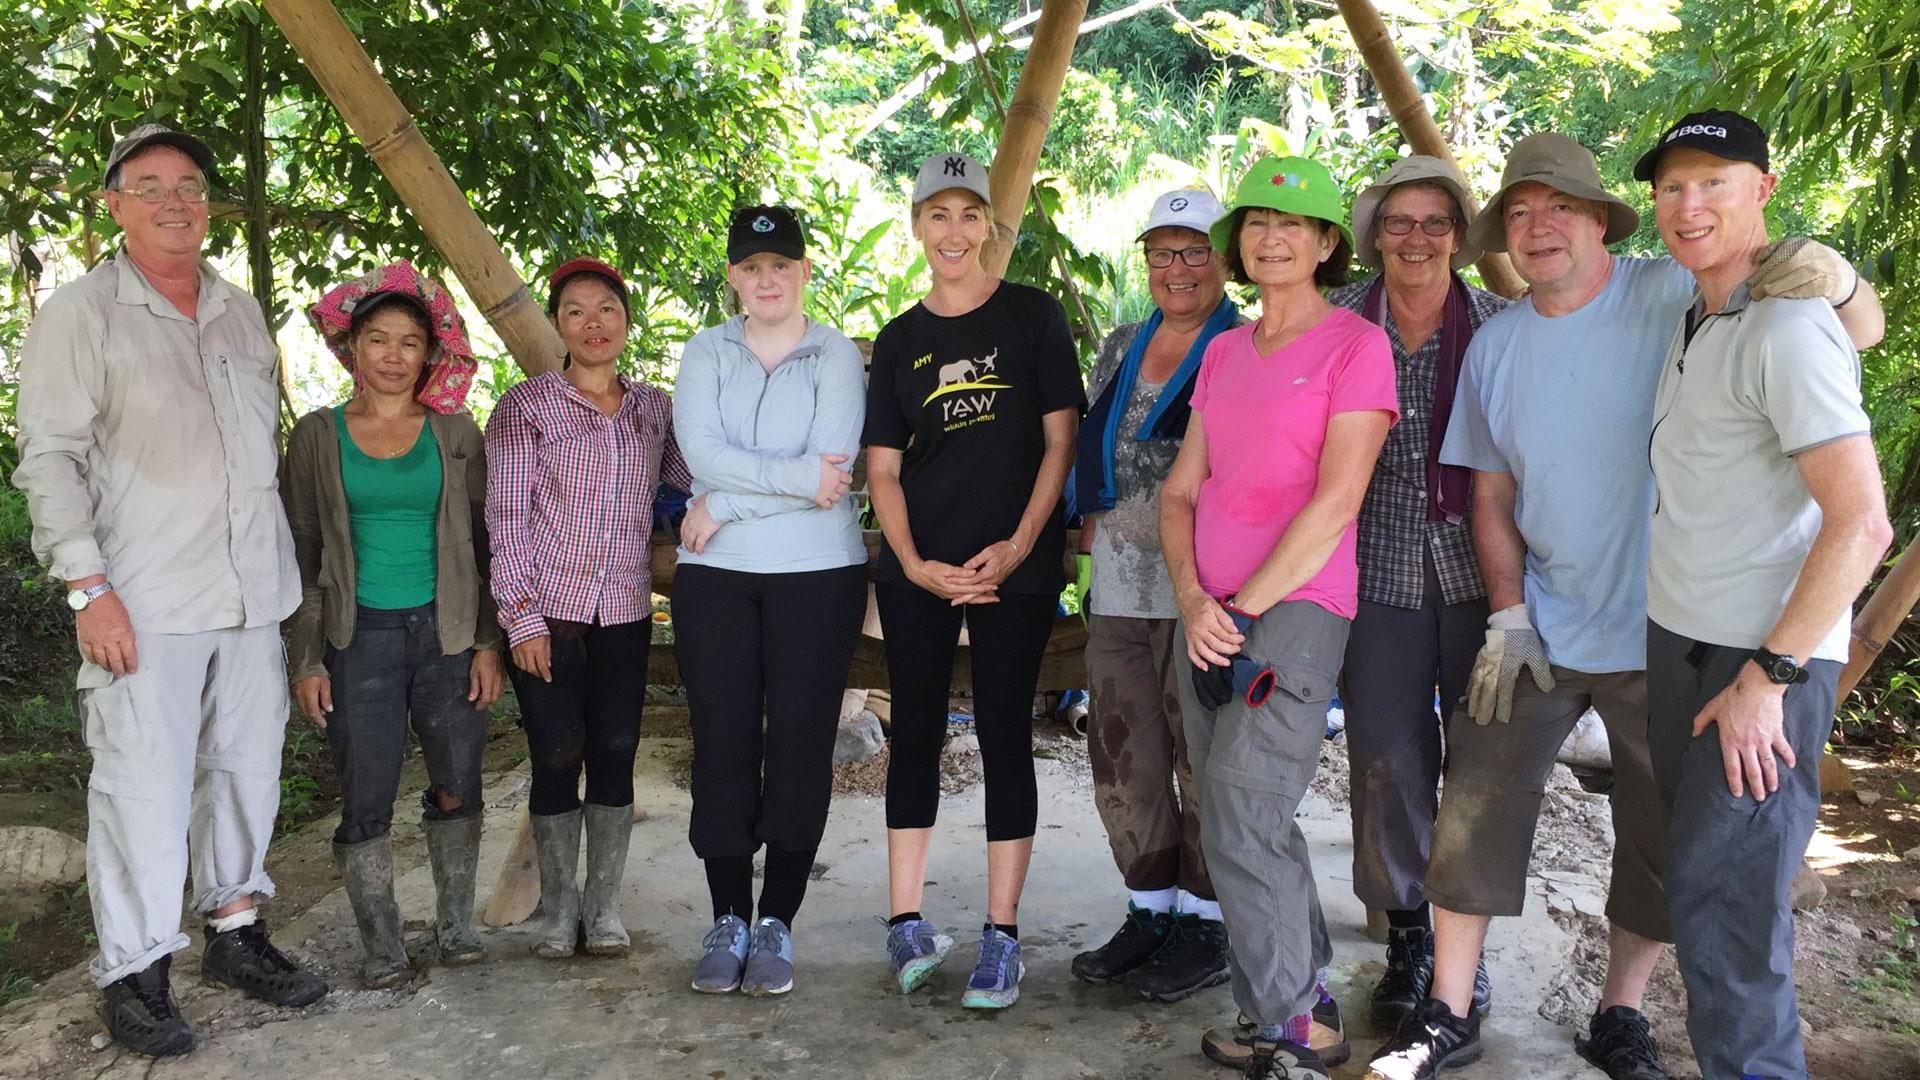 https://rfacdn.nz/zoo/assets/media/volunteers-in-sumatra-gallery-4.jpg